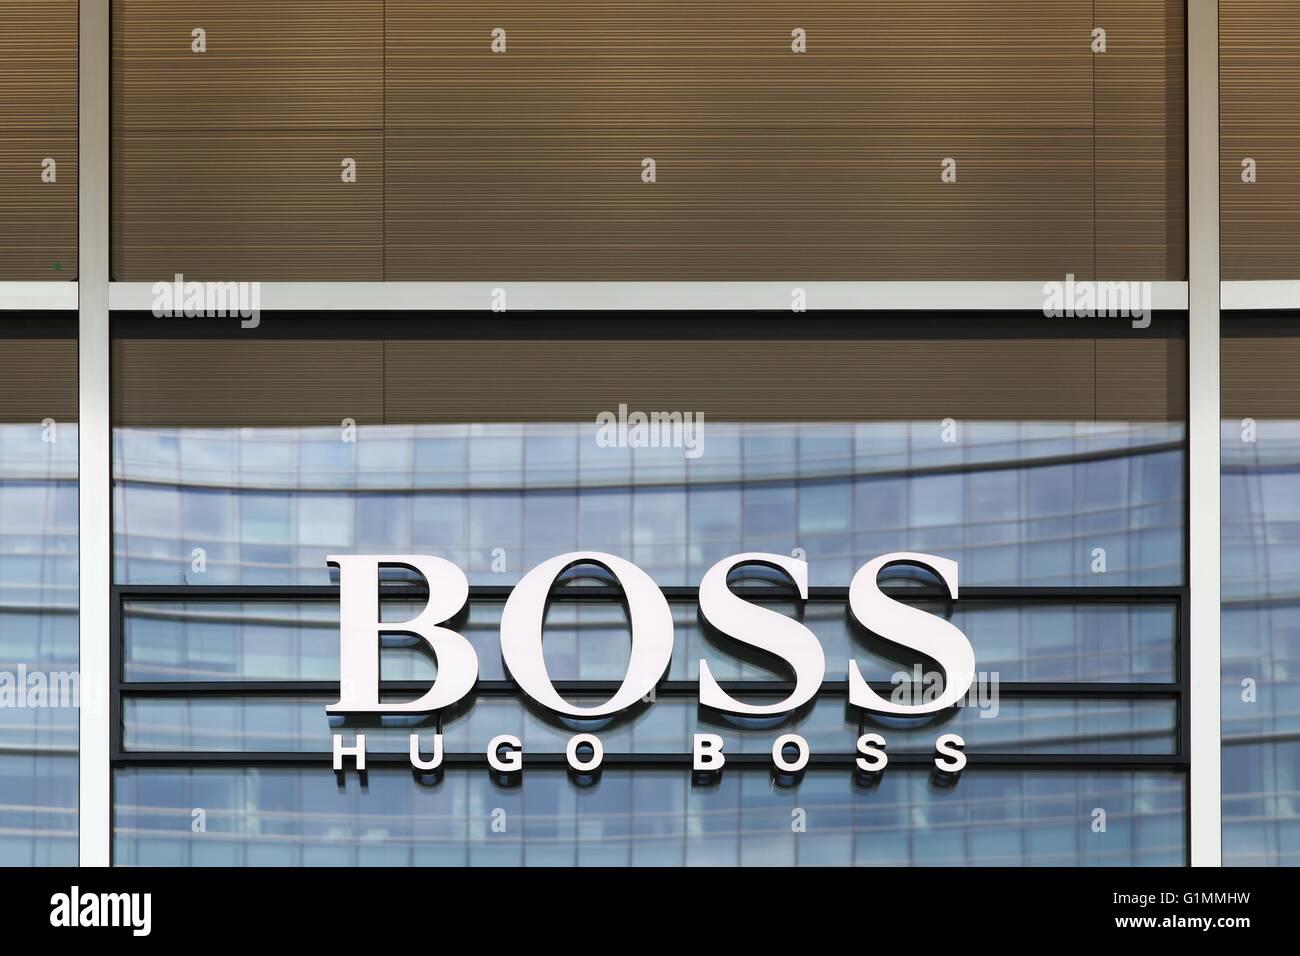 Hugo Boss Perfume Photos   Hugo Boss Perfume Images - Alamy 479988de583a